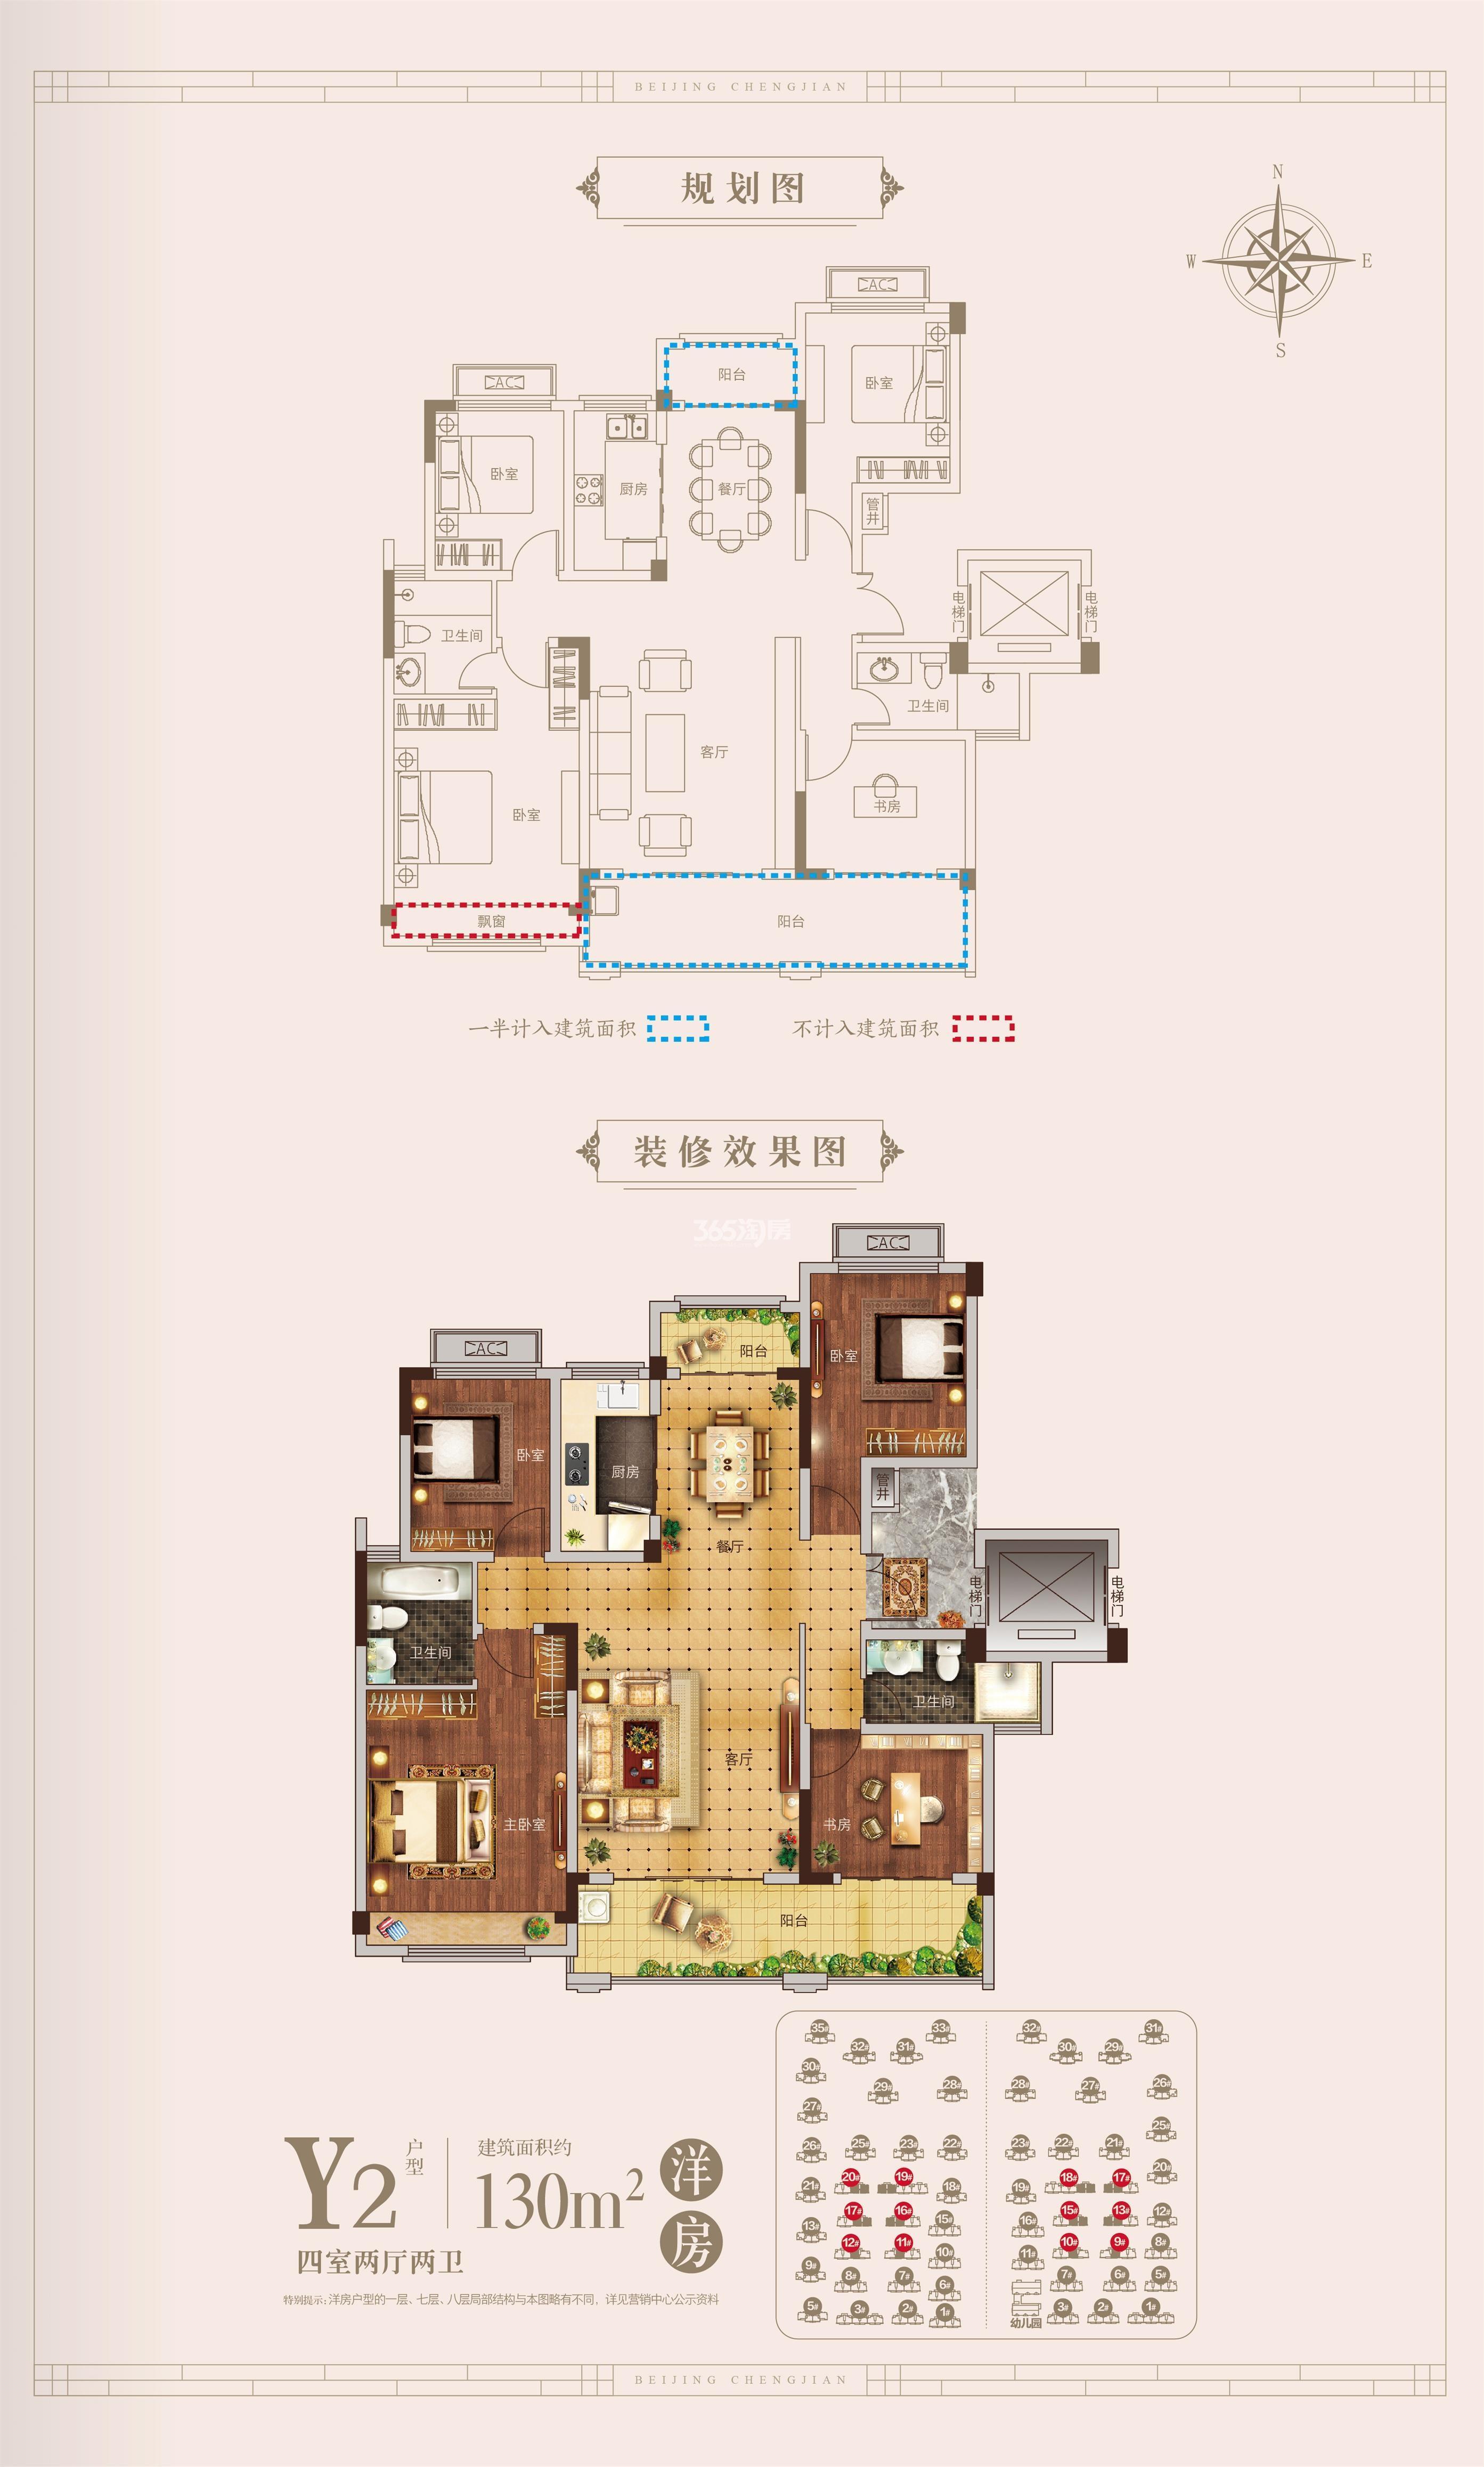 北京城建·珑樾华府130㎡户型图